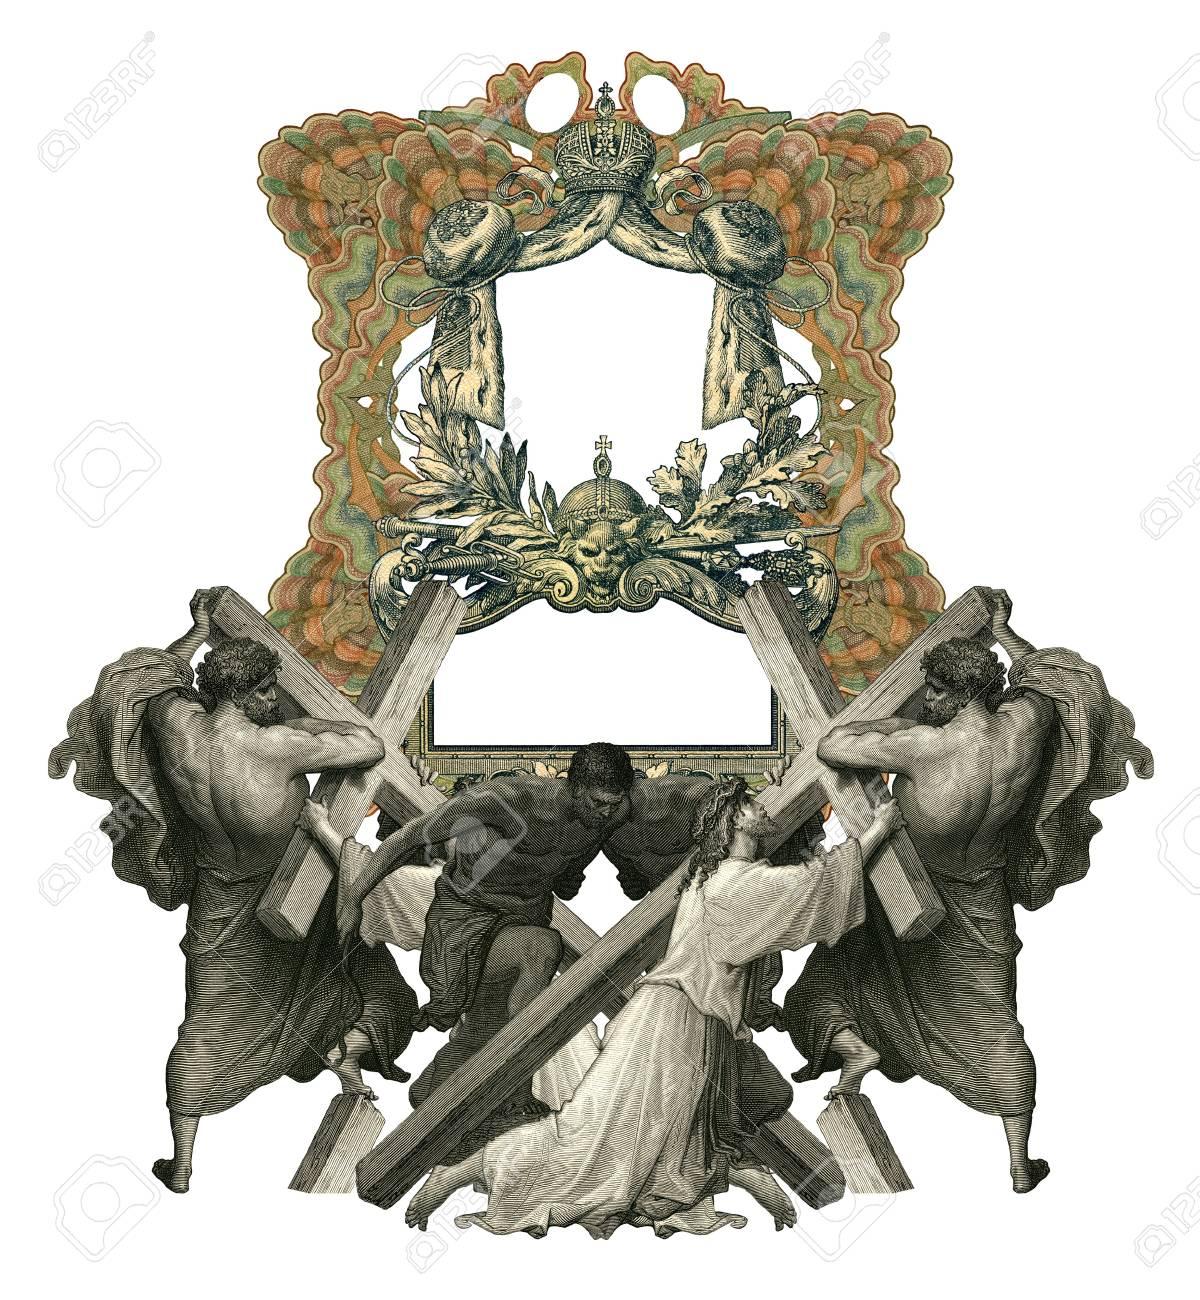 Victorian Rahmen Mit Jesus Christus Durch Das Gewicht Des Kreuzes ...